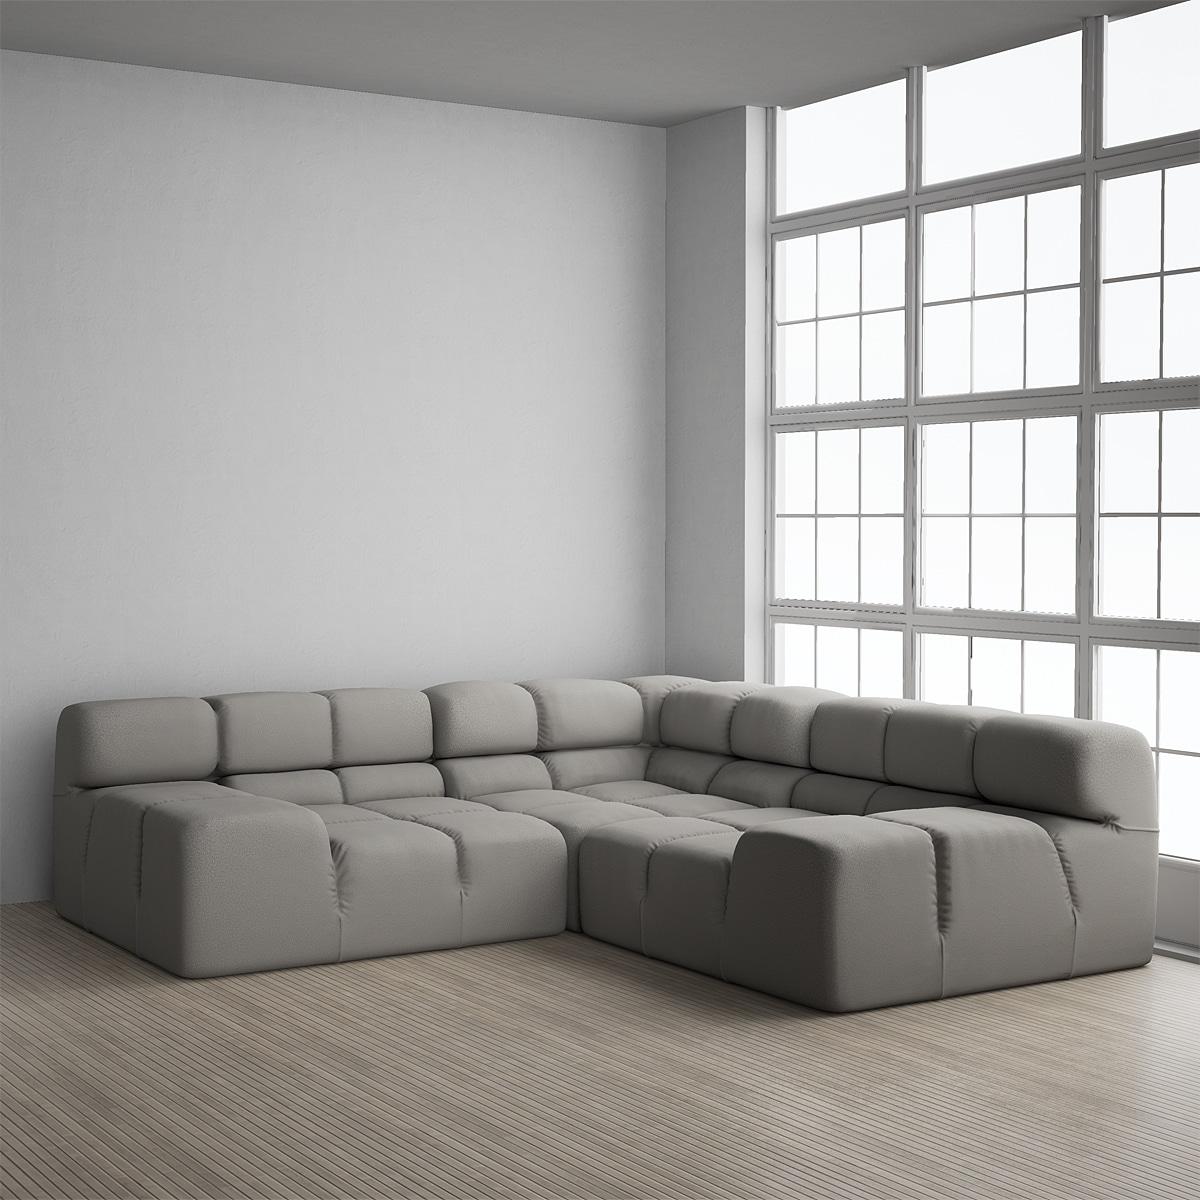 Tufty Time Sofa 03